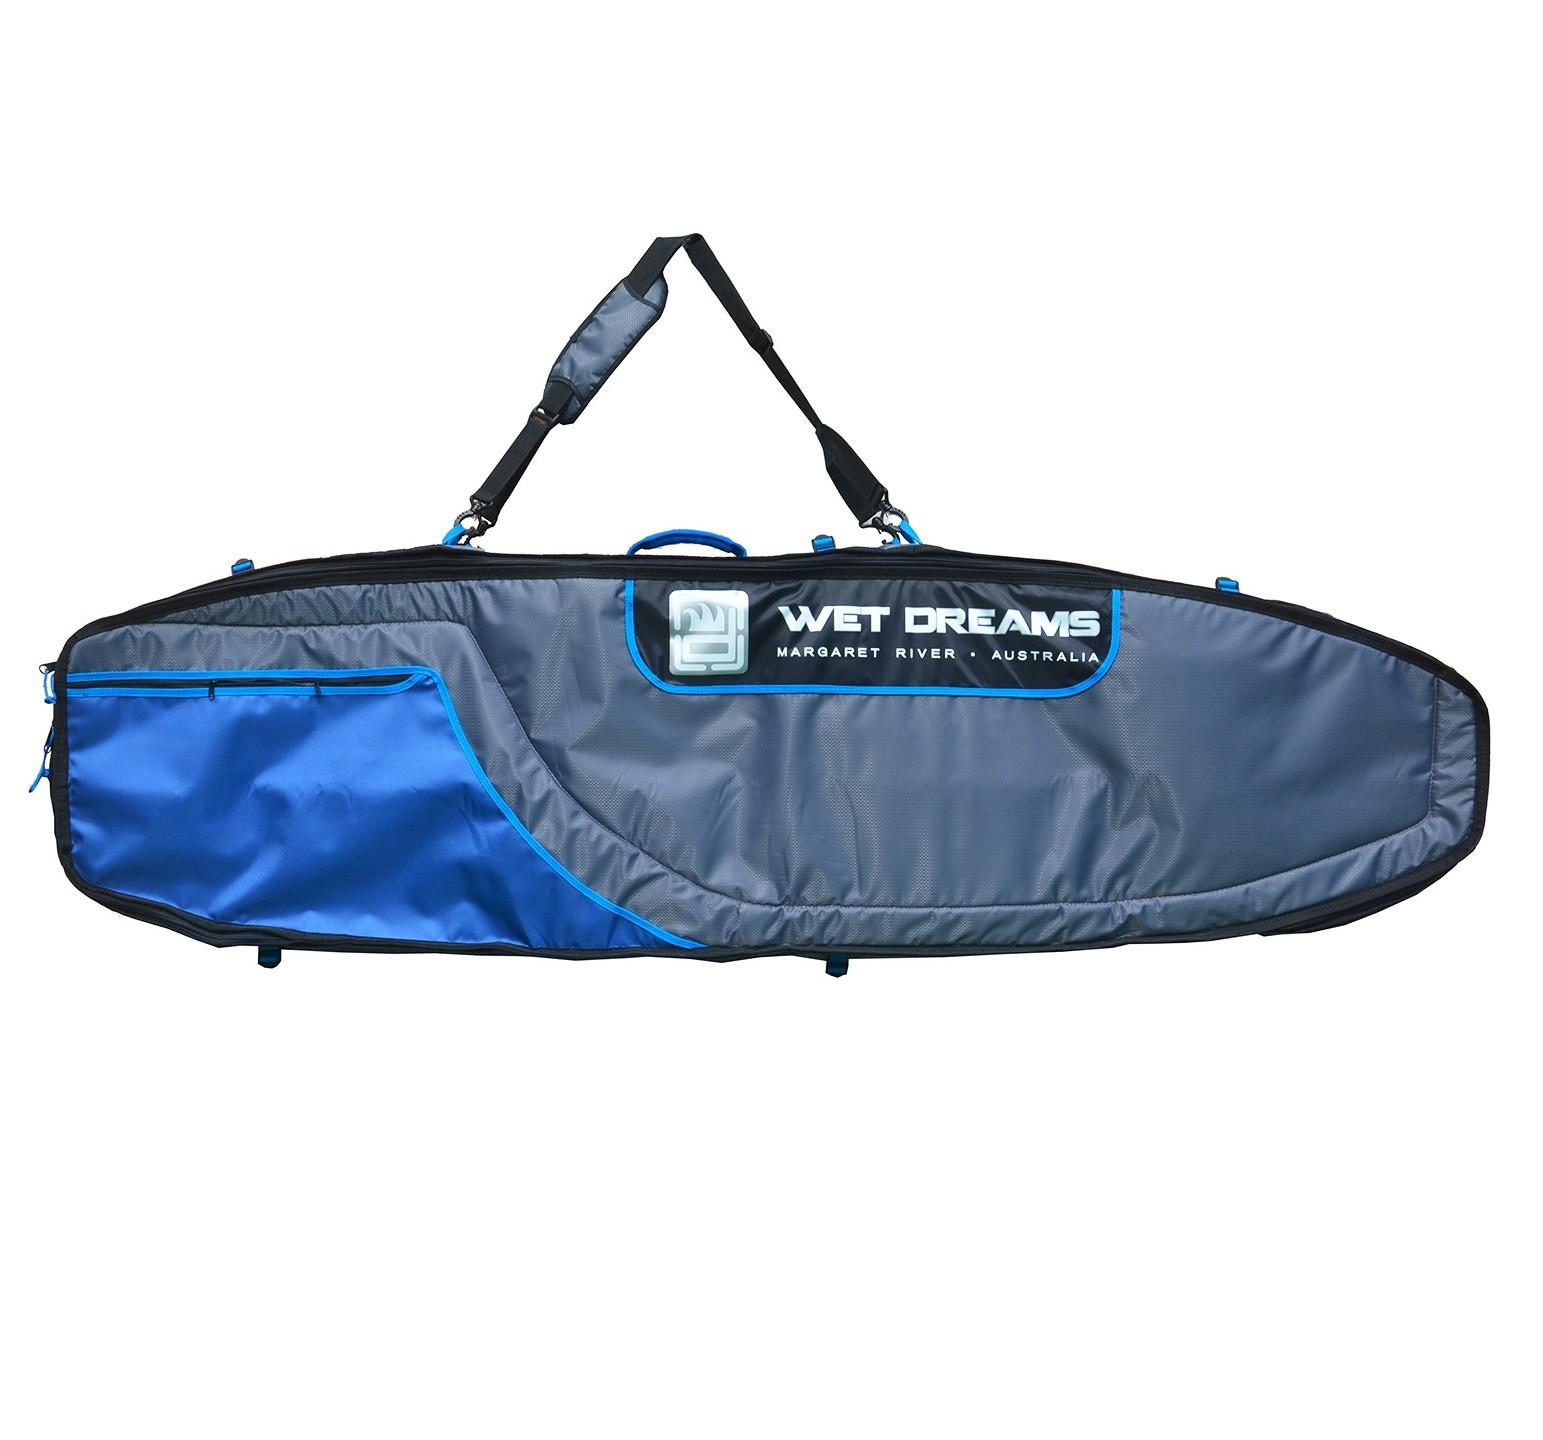 Sarcófago para 3 pranchas de Surf 7'4'' - 2,25m - Wet Dreams | Prancharia